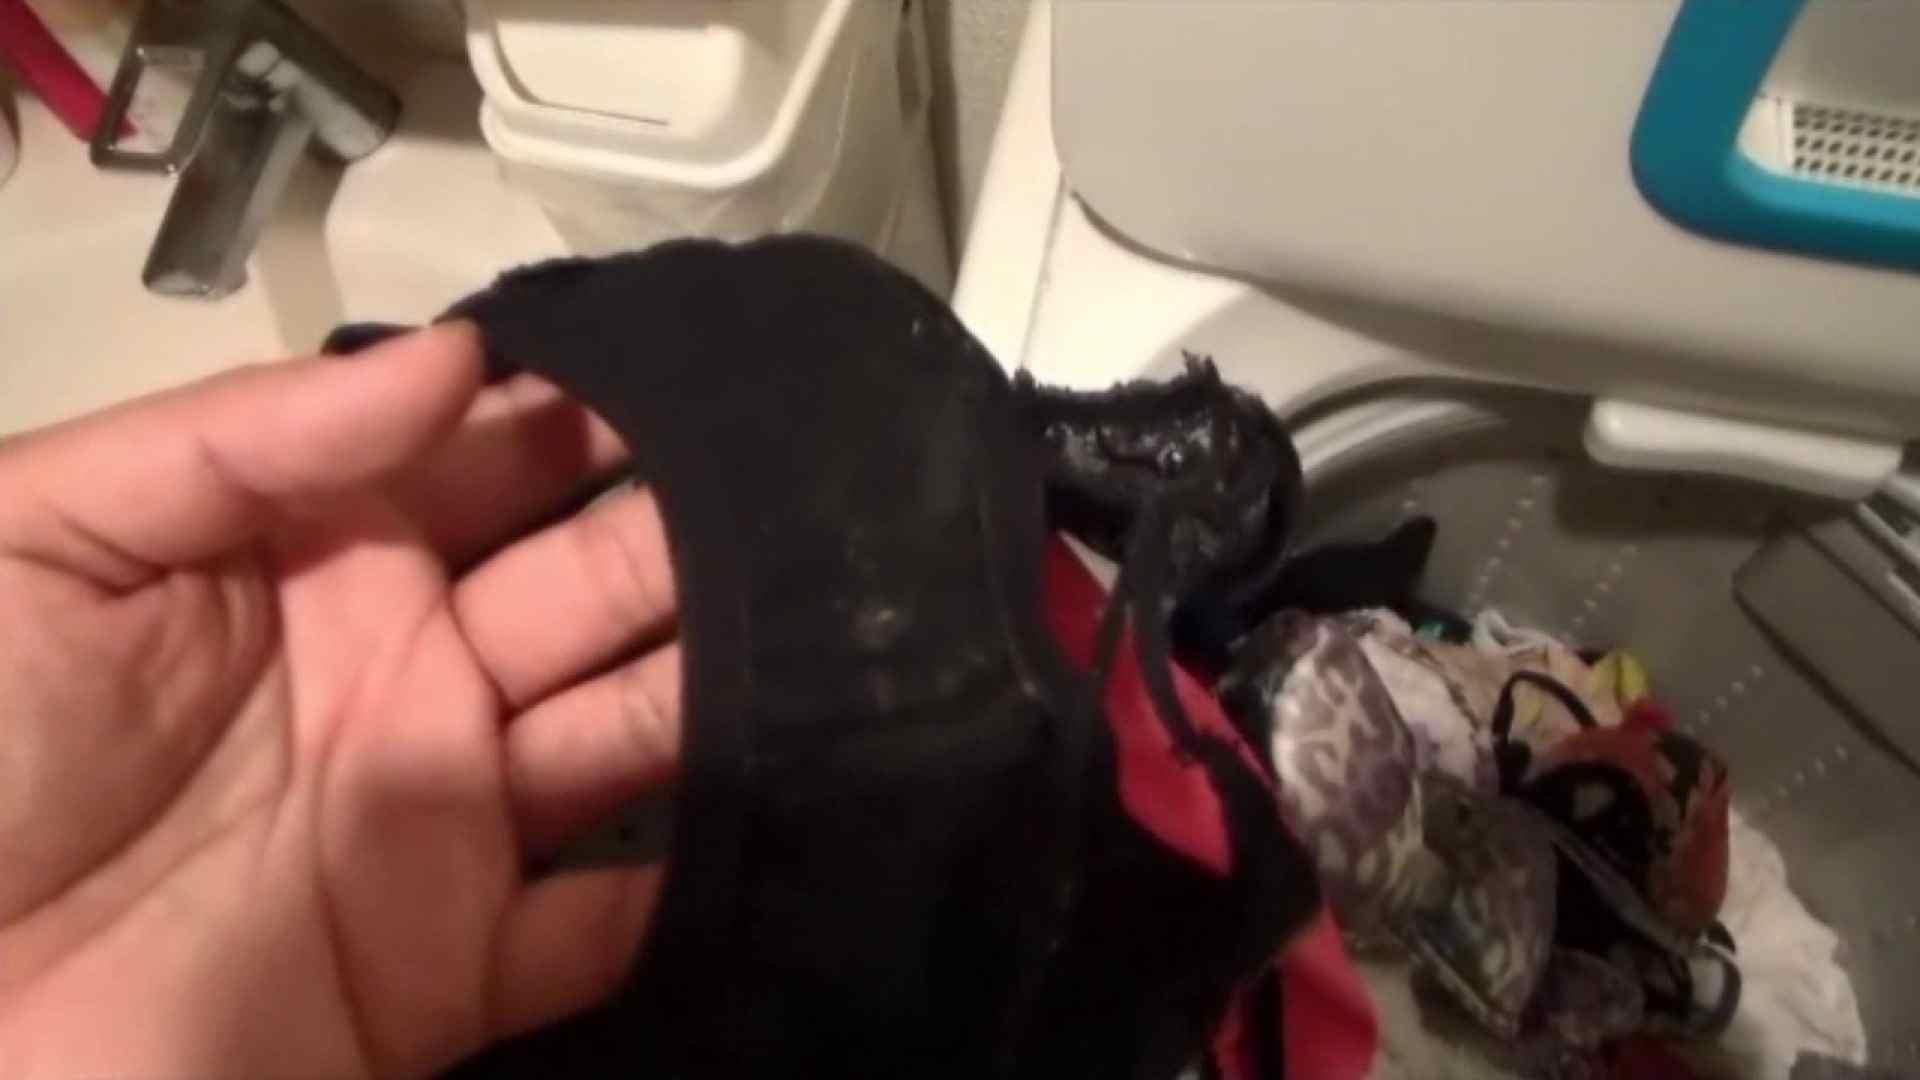 【01】ベランダへ侵入し、真っ先に洗濯機へ直行しました。 お姉さん攻略  110画像 108